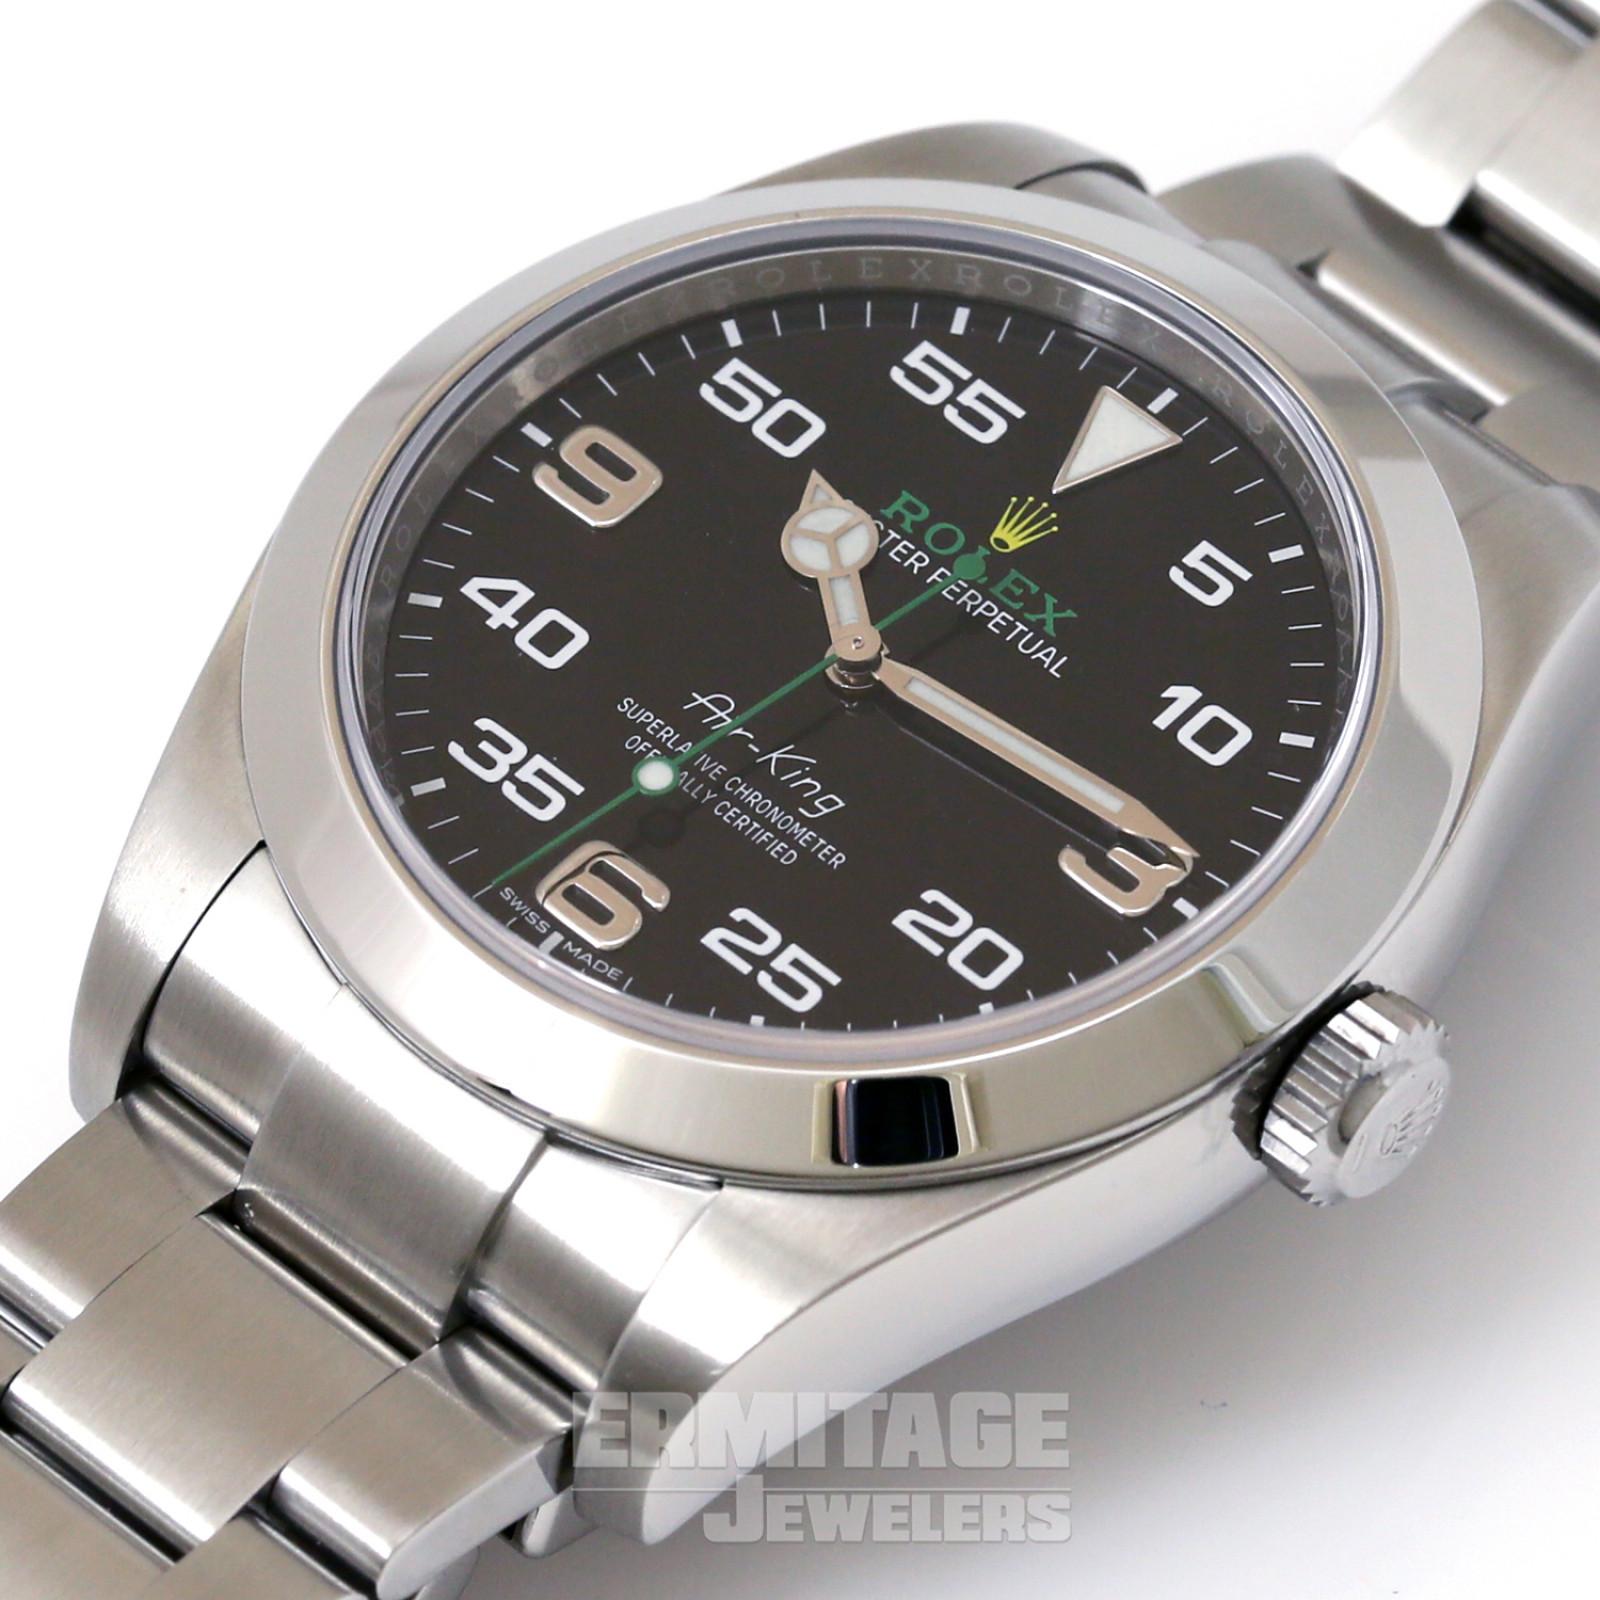 Unworn Rolex Air King 116900 40 mm